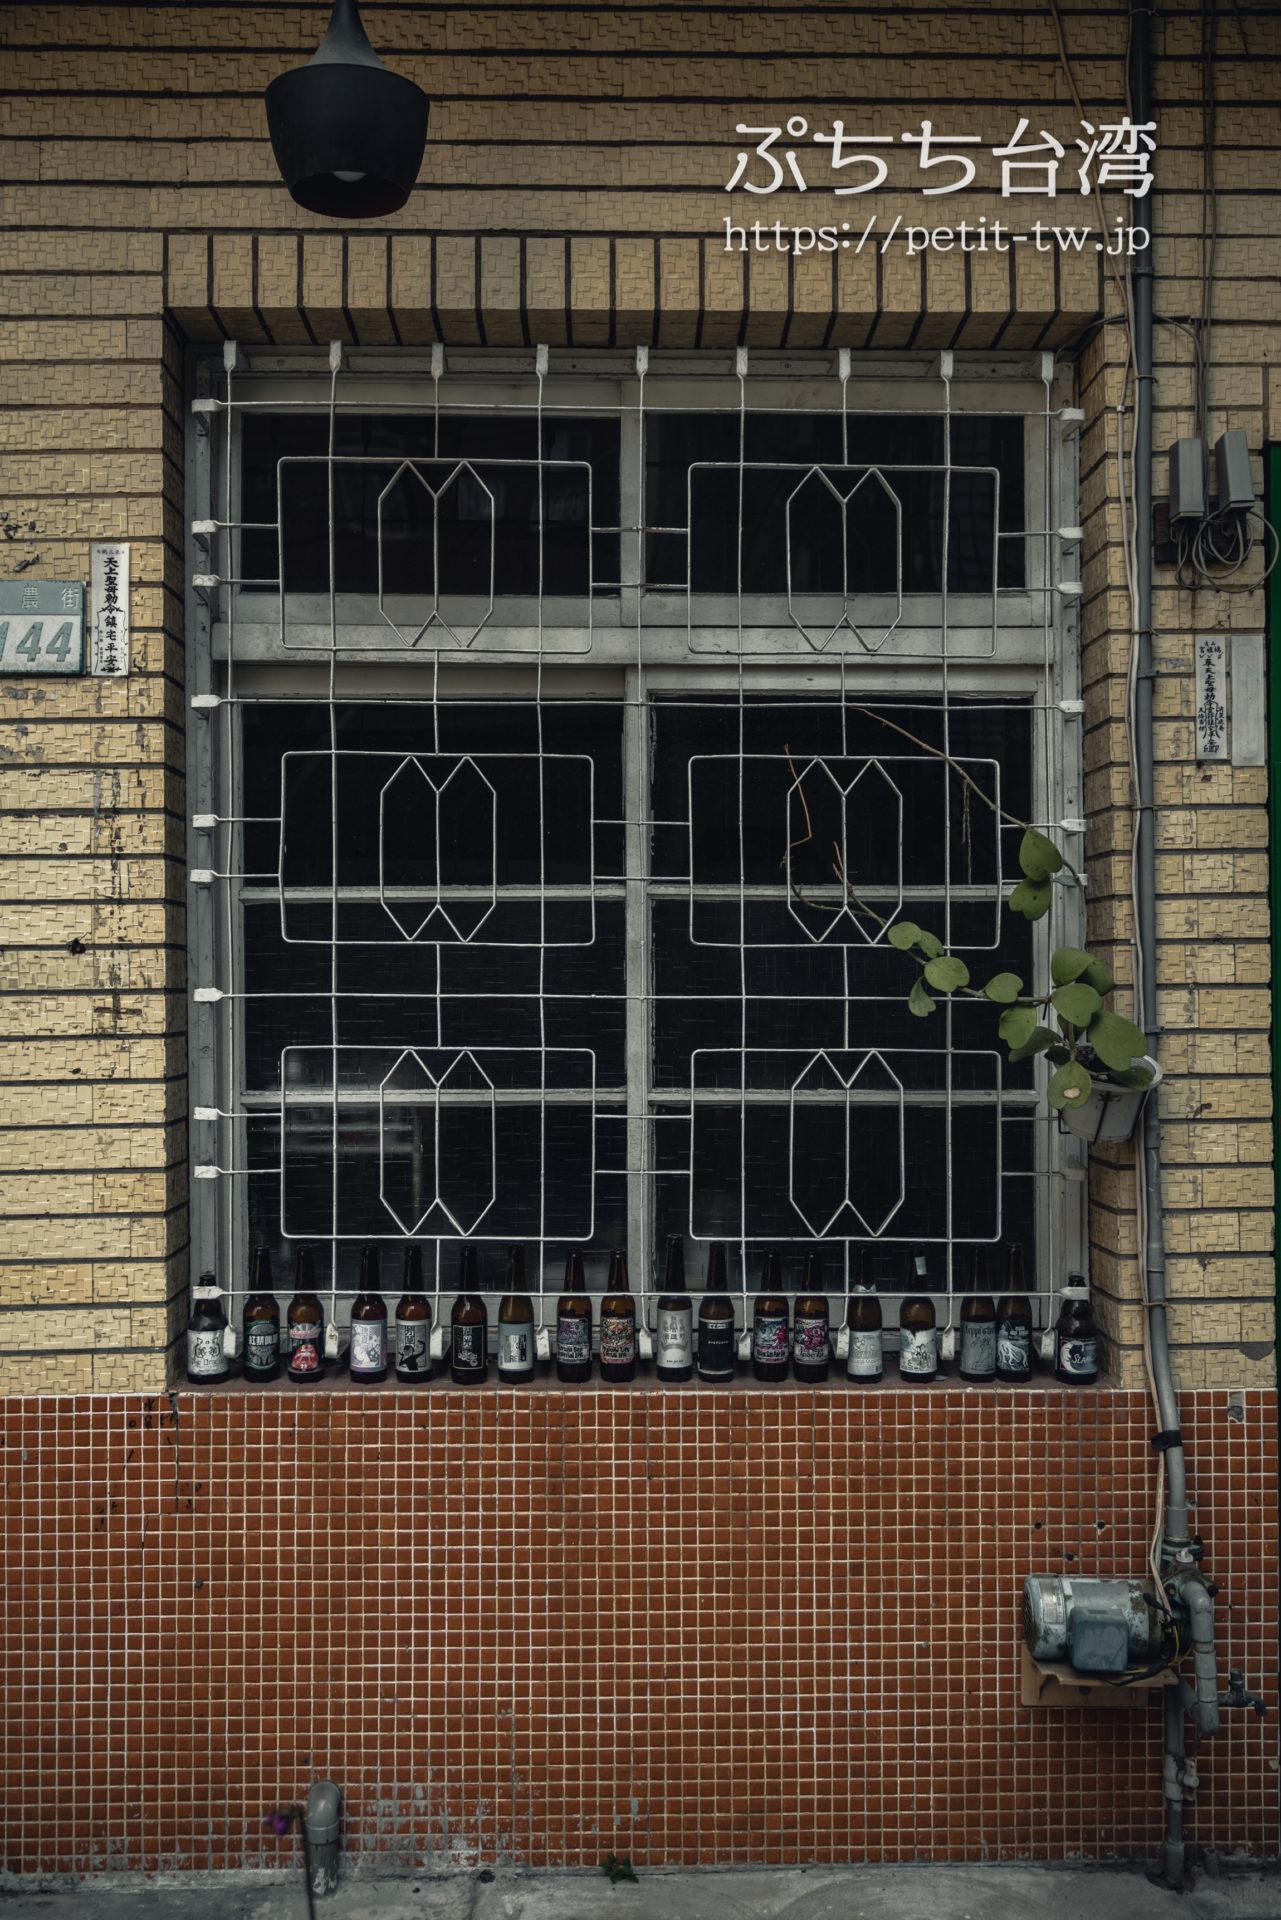 台南の神農街 鉄窓花